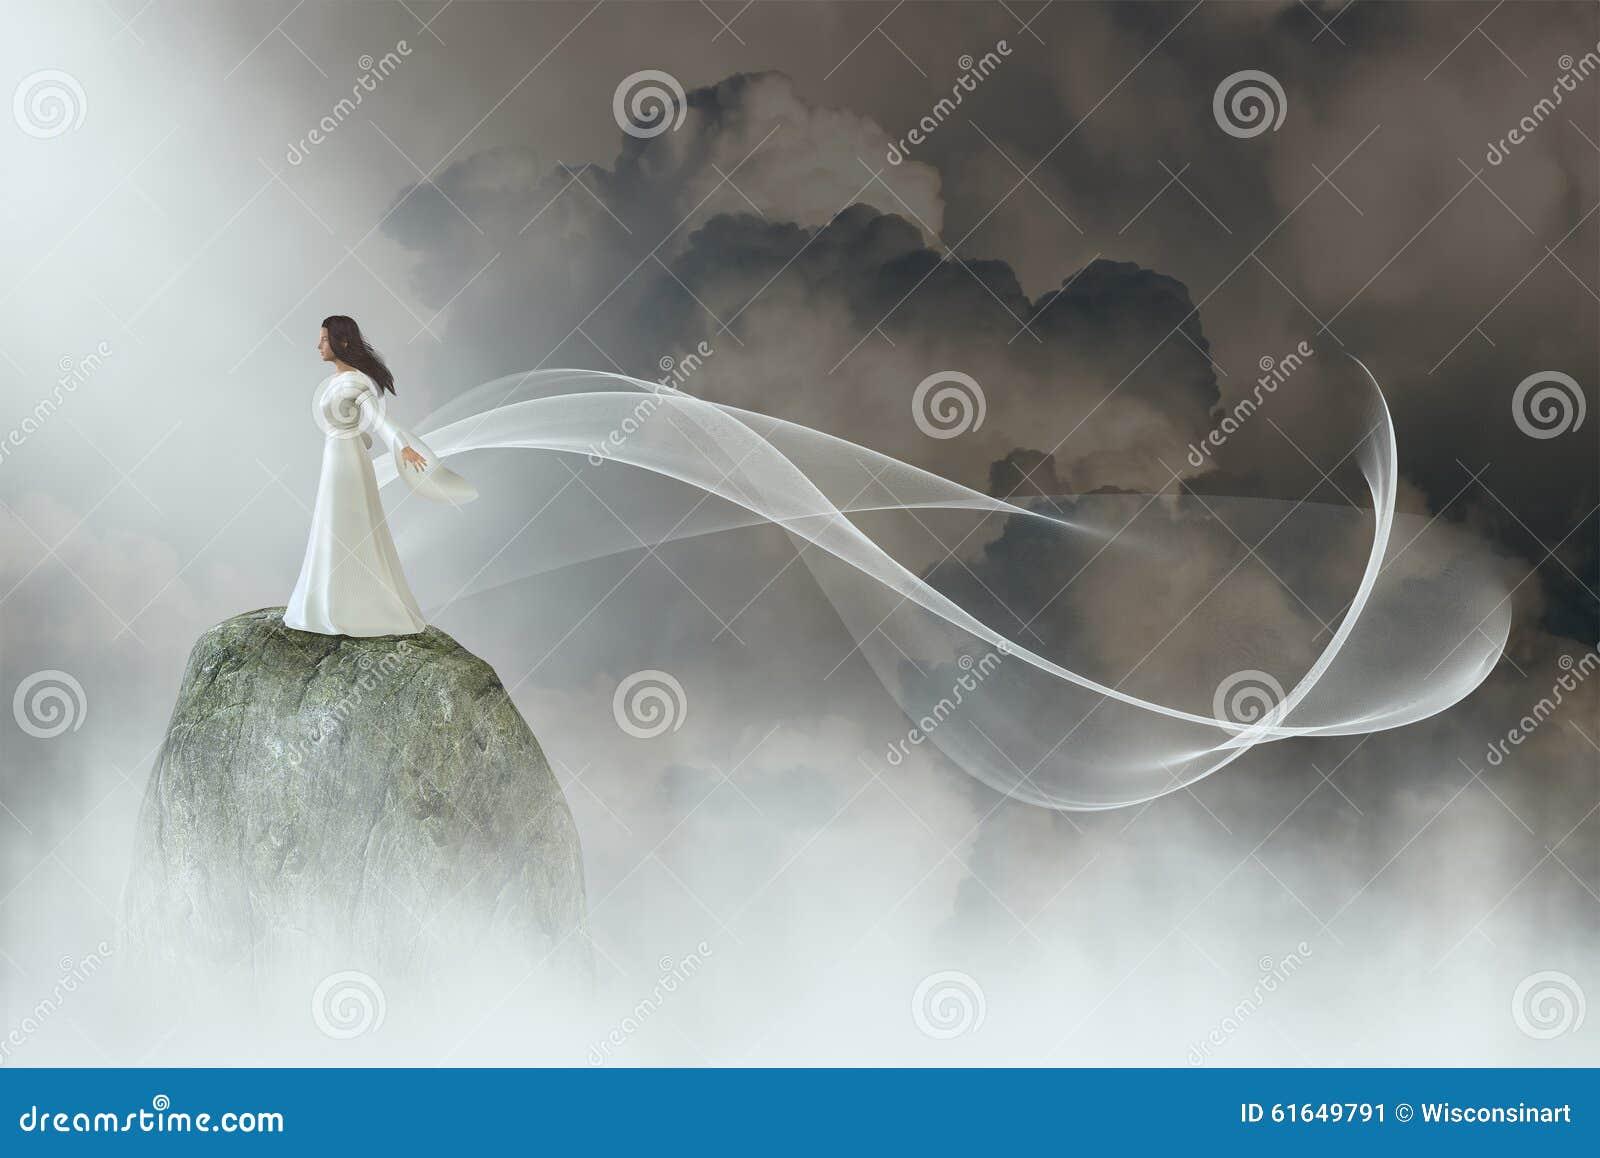 Paix, espoir, nature, beauté, amour